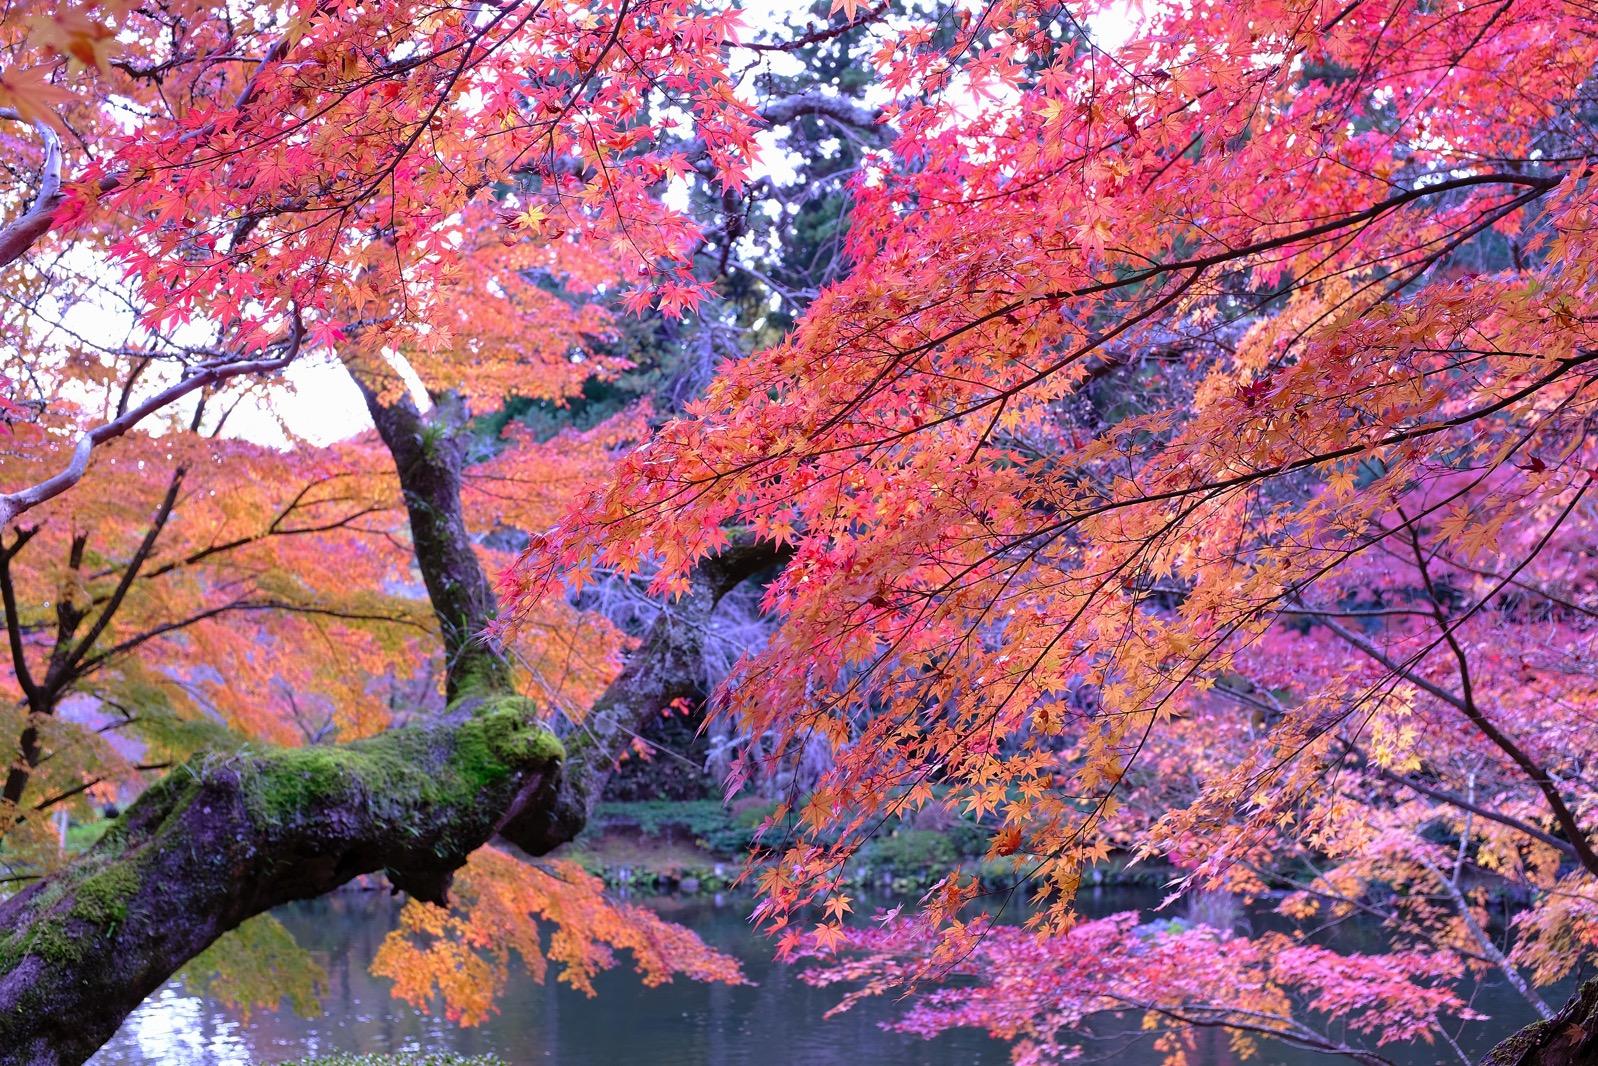 成田山公園の紅葉が綺麗でした。但し混雑するので早い時間がおすすめです。